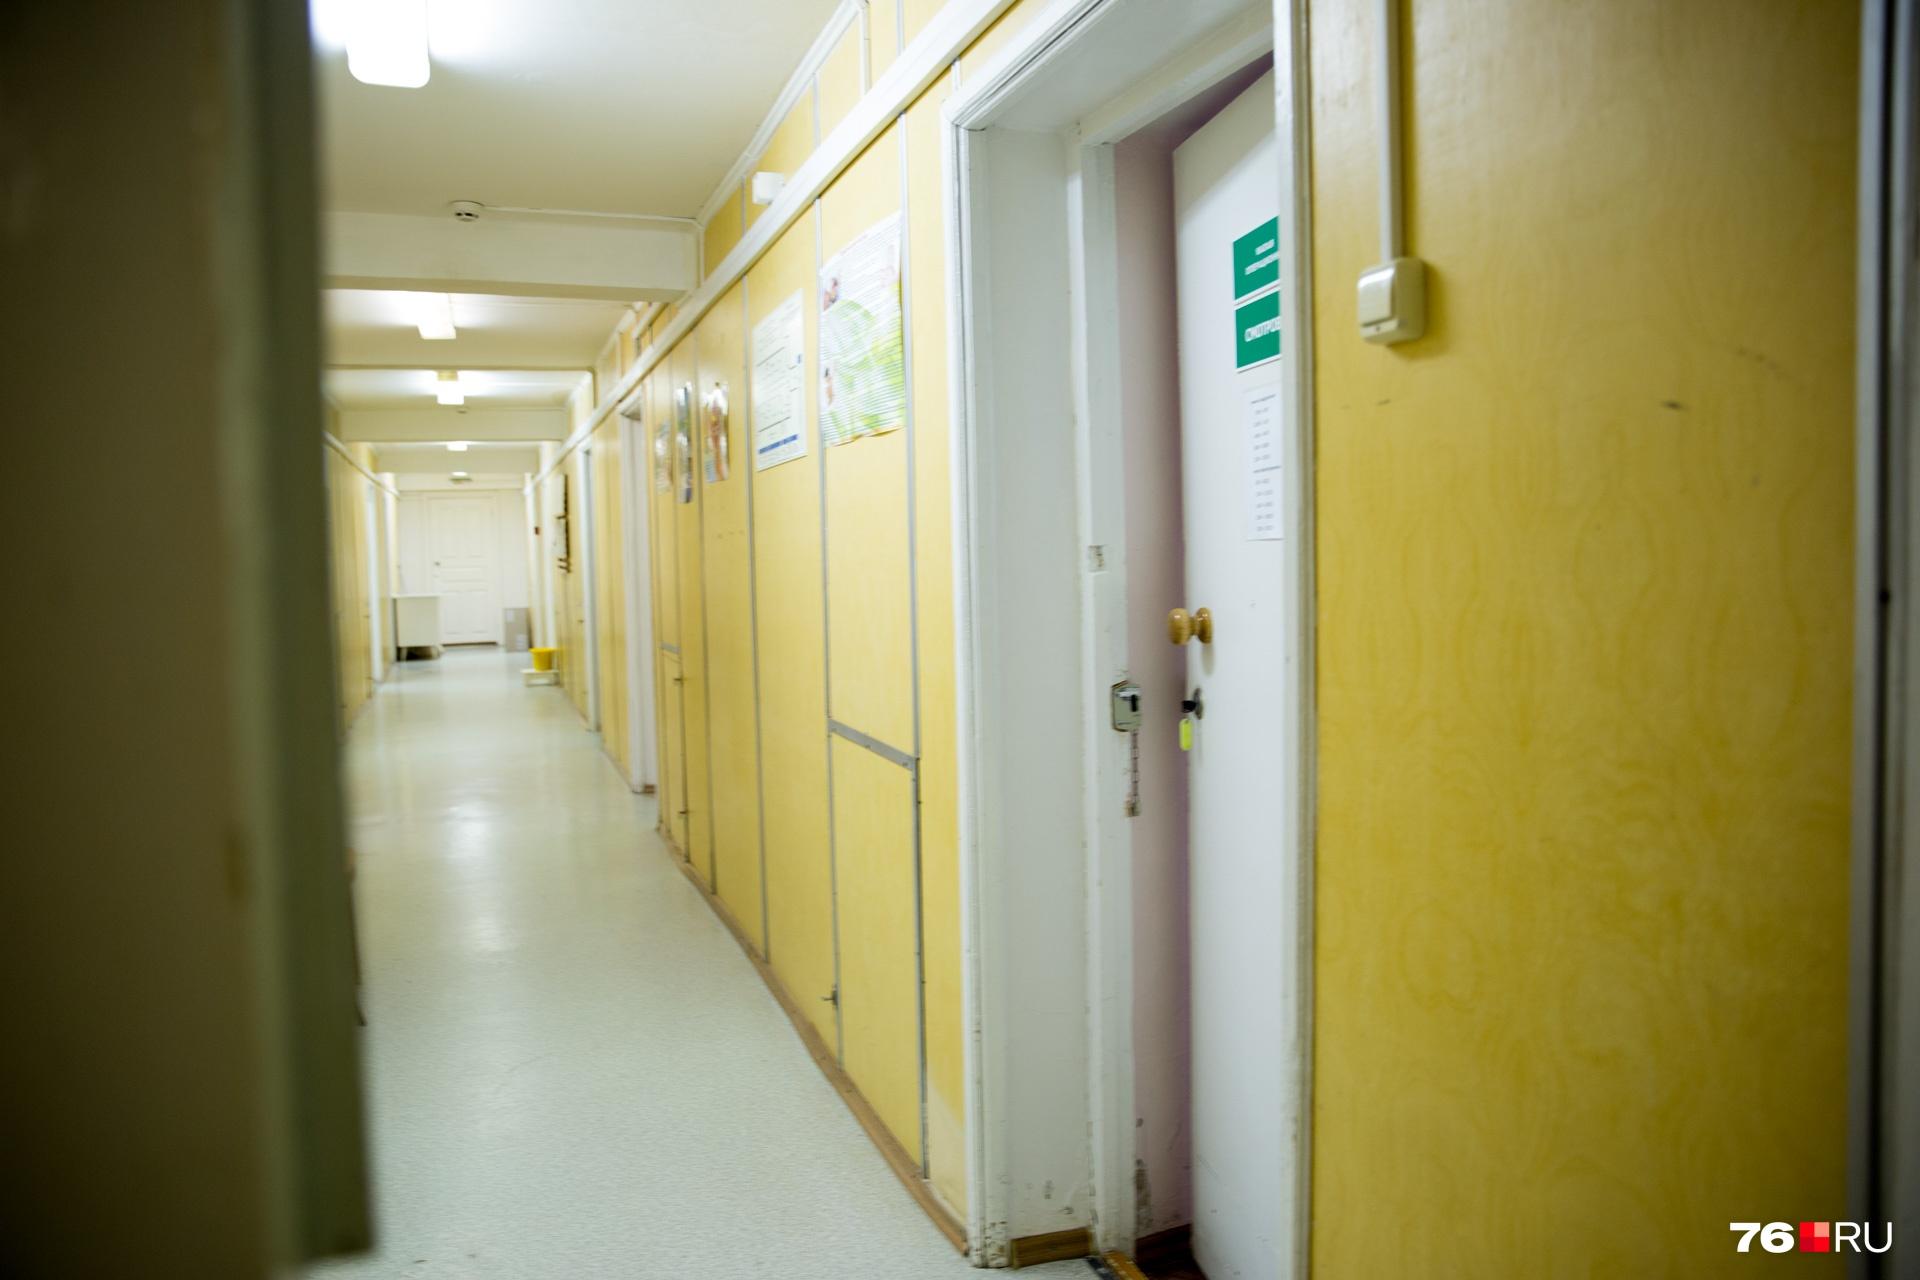 Многие меняют решение ,сидя в коридоре перед дверью врача